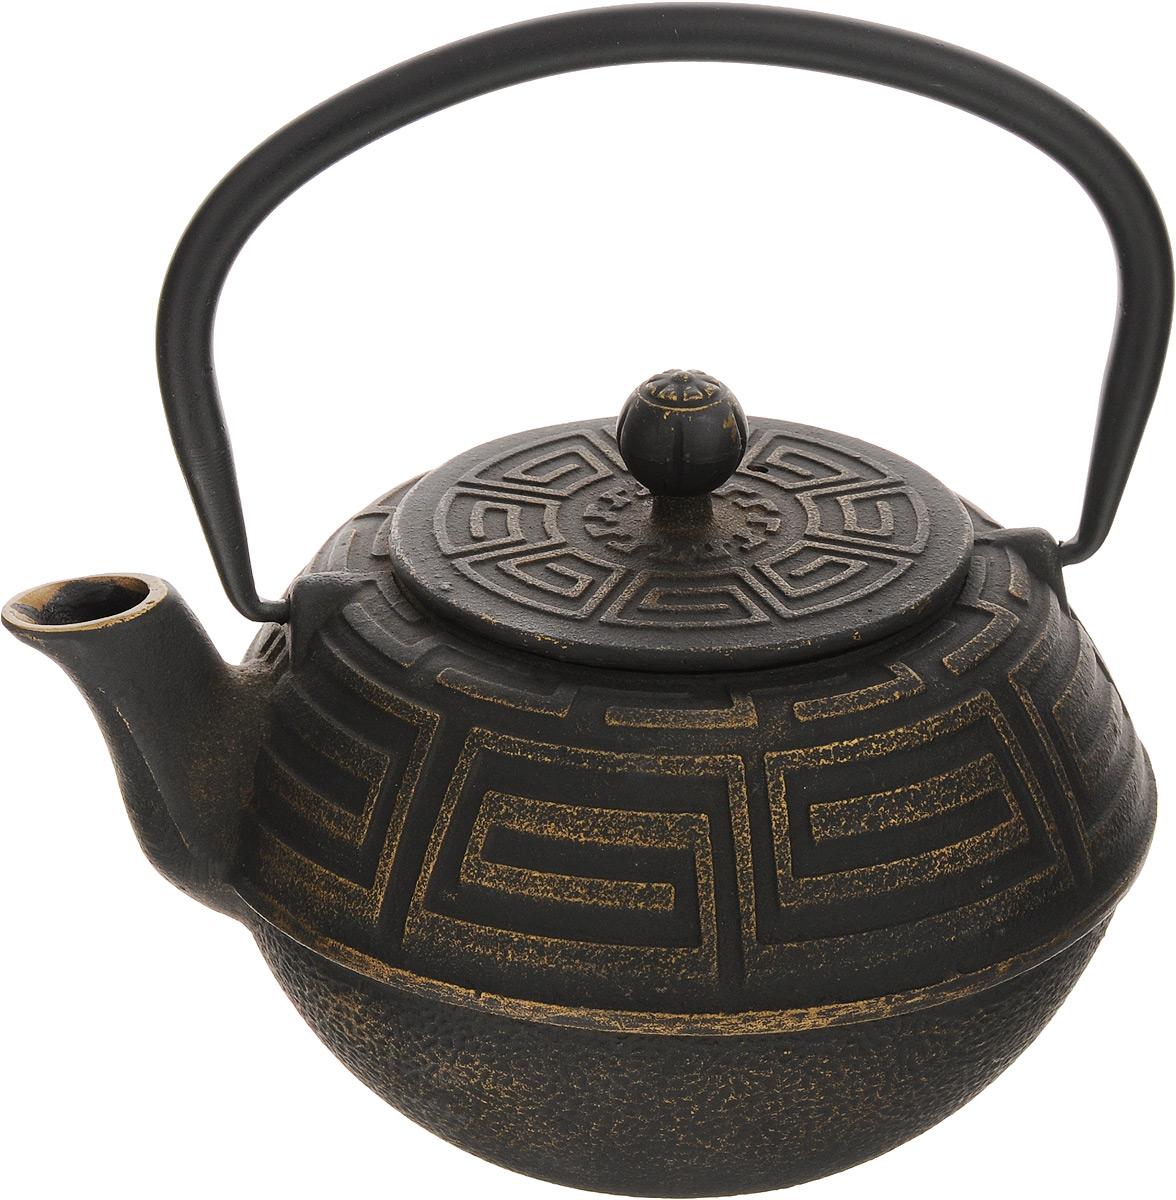 Чайник заварочный Mayer & Boch, чугунный, с фильтром, 1,5 л68/5/3Заварочный чайник Mayer & Boch изготовлен из чугуна высокого качества. Внешние стенки изделия оформлены изысканным рельефом.Чугунный чайник дольше других удерживает тепло. Вода в нем будет оставаться горячей и пригодной для заваривания чая в течение часа.Кремнийорганический термостойкий лак предотвращает появление ржавчины. Чайник оснащен чугунной подвижной ручкой и съемным фильтром из нержавеющей стали, который задерживает заварку и предотвращает ее попадание в чашку. Заварочный чайник Mayer & Boch украсит любую чайную церемонию, а также станет прекрасным подарком на любое торжество. Диаметр чайника (по верхнему краю): 9 см. Высота чайника (без учета крышки и ручки): 9,5 см. Высота чайника (с учетом ручки): 18 см. Диаметр фильтра (по верхнему краю): 8,7 см.Высота фильтра: 6 см.